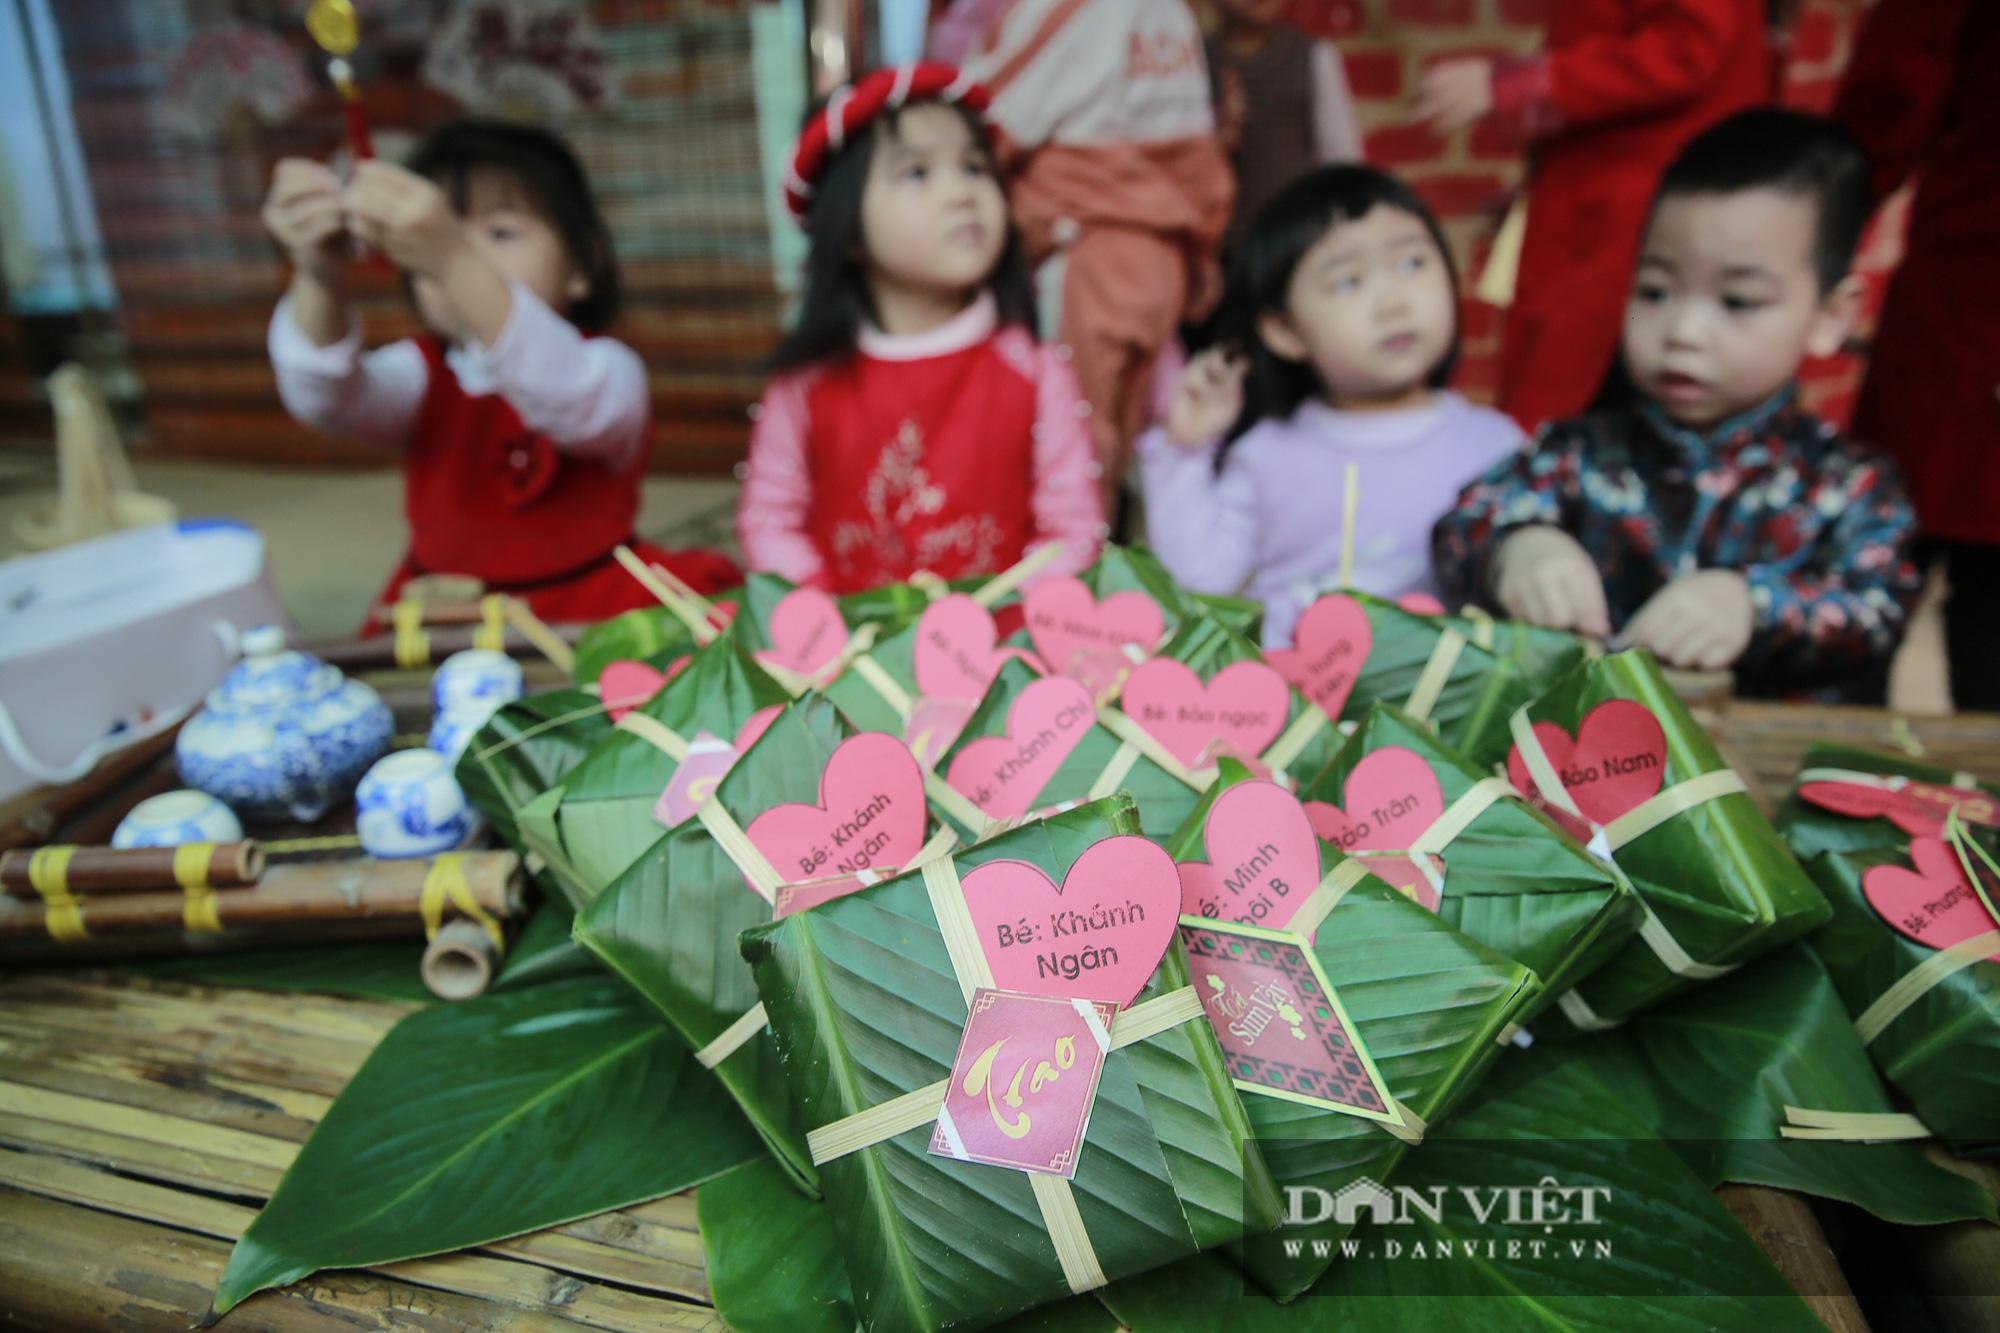 Trẻ em Hà Nội hào hứng khi lần đầu được gói bánh chưng cùng cha mẹ - Ảnh 7.